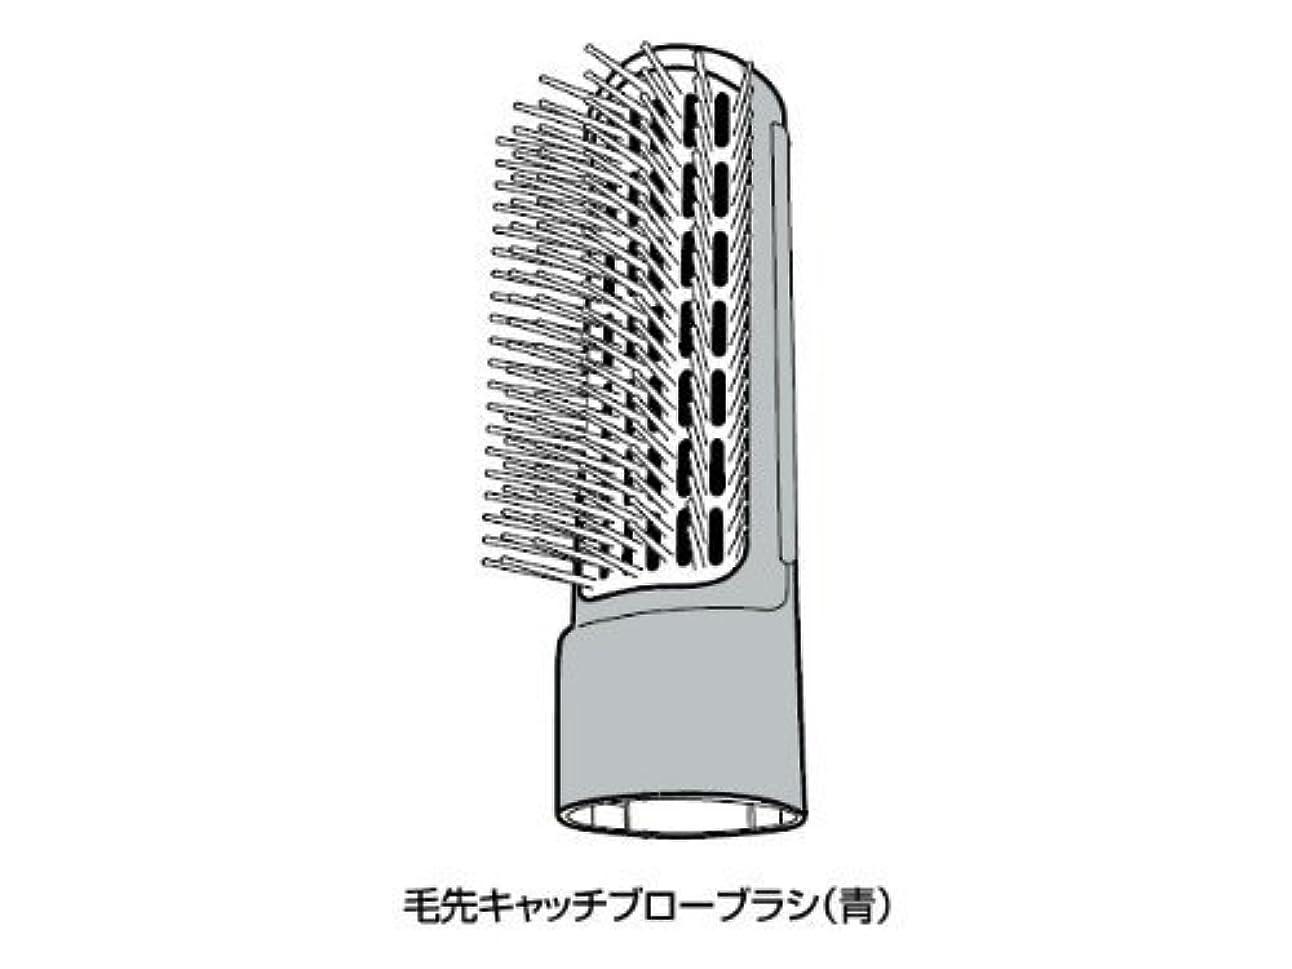 虫研磨剤島Panasonic 毛先キャッチブローブラシ(青) EHKA10AH7617